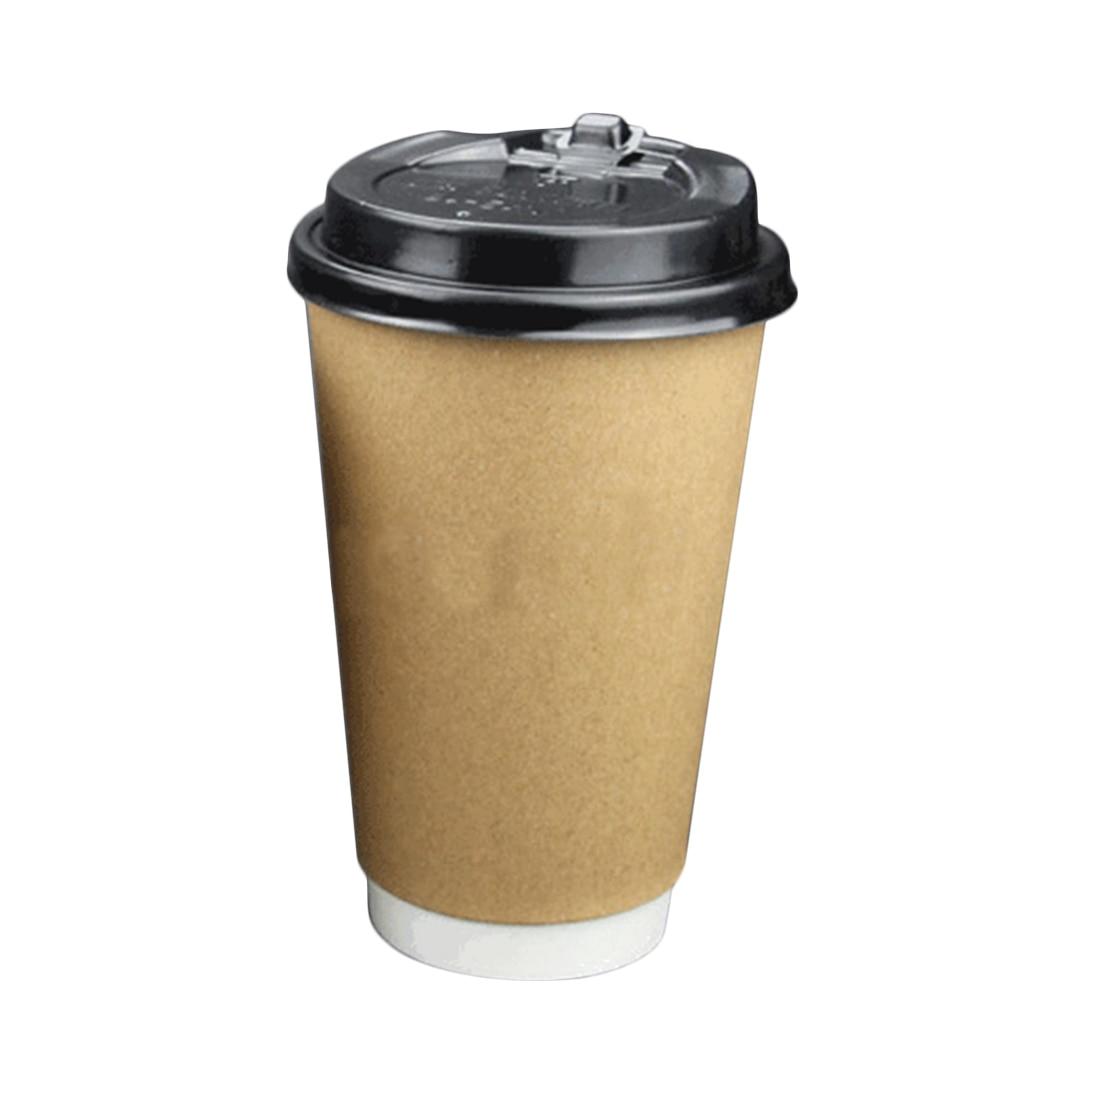 paper cups Бумажные стаканы для вендинга и кофе на вынос бумажный стакан со своим логотипом, стаканчики с индивидуальным дизайном.